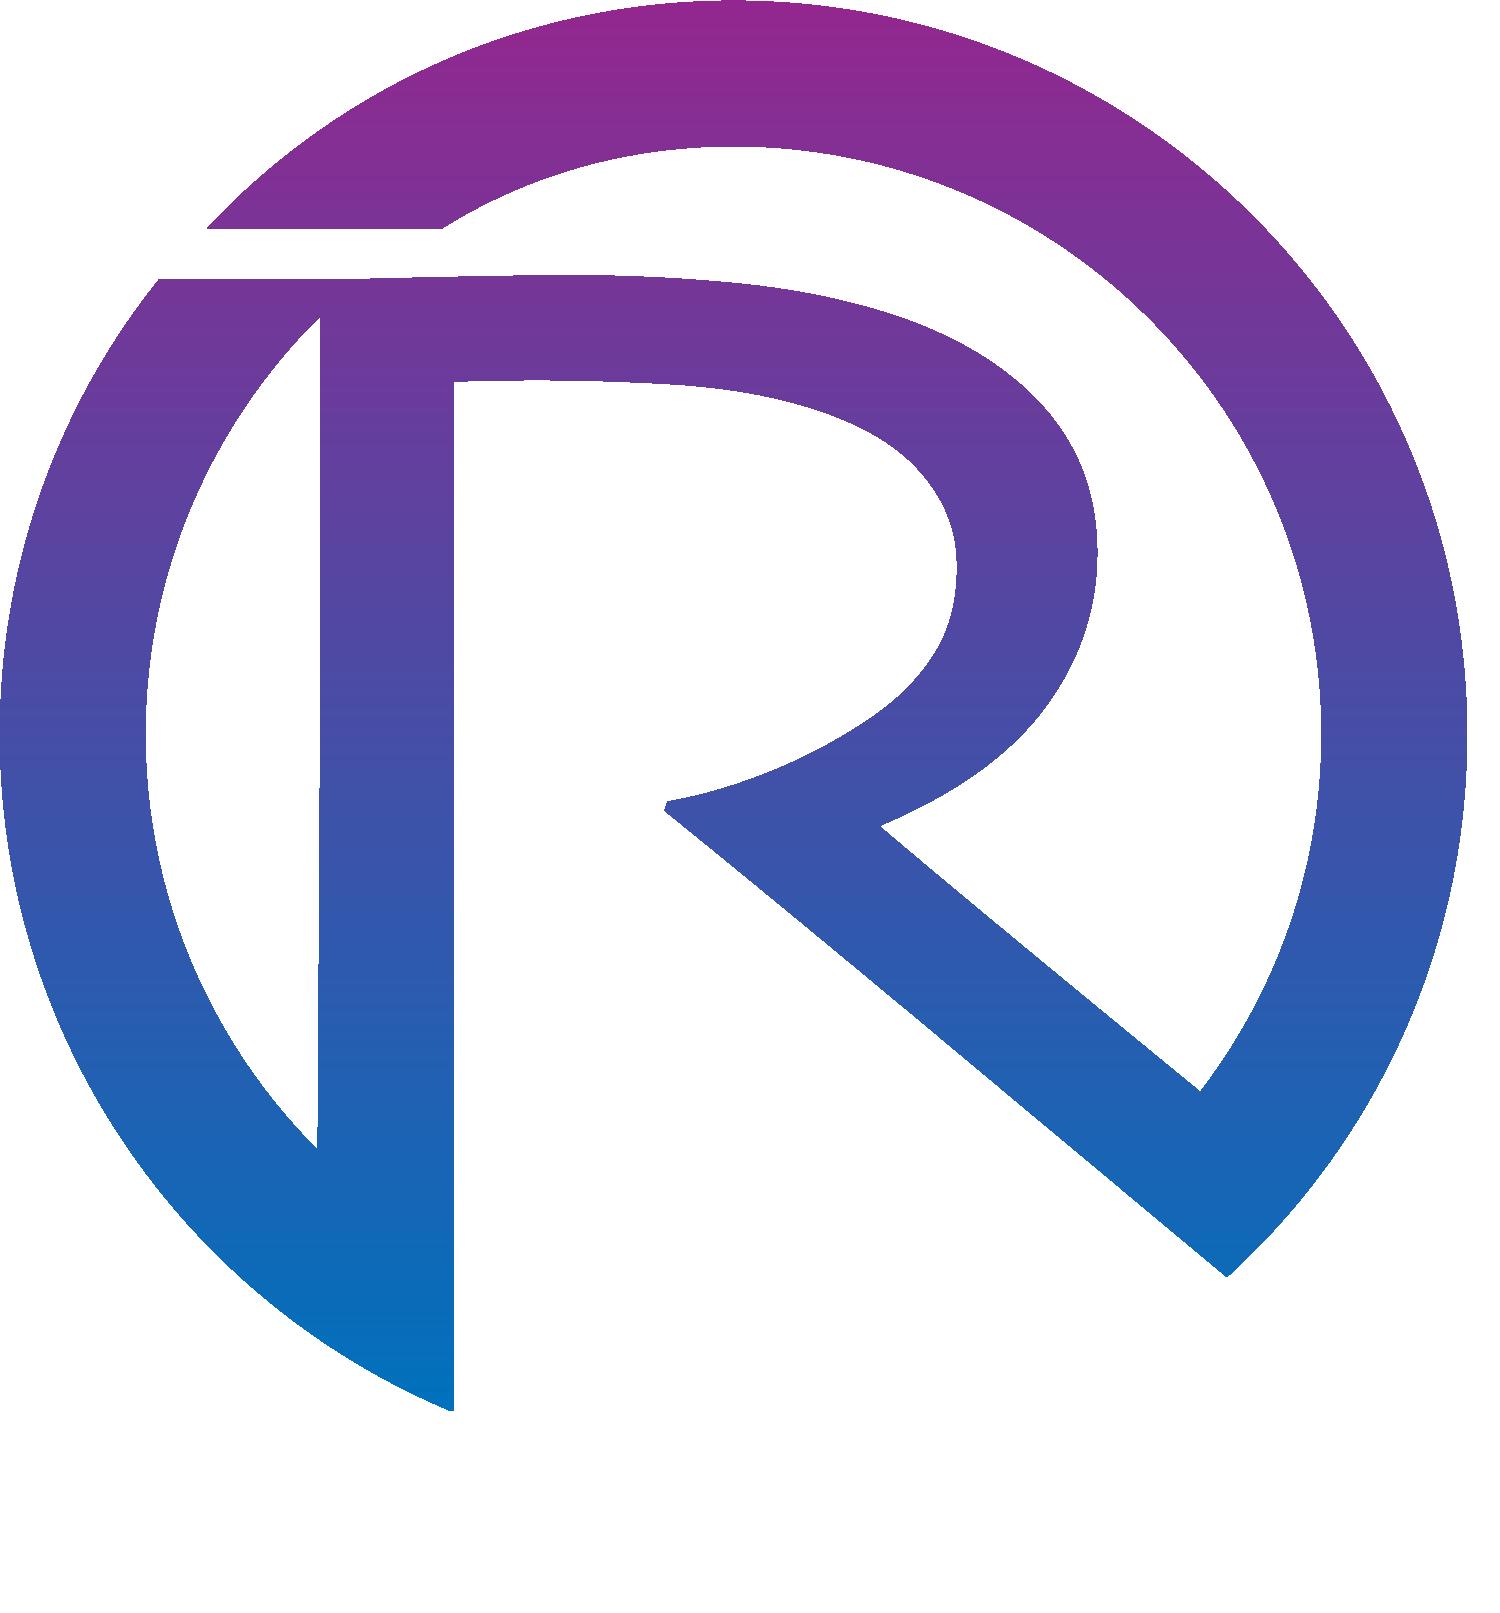 RELS Media